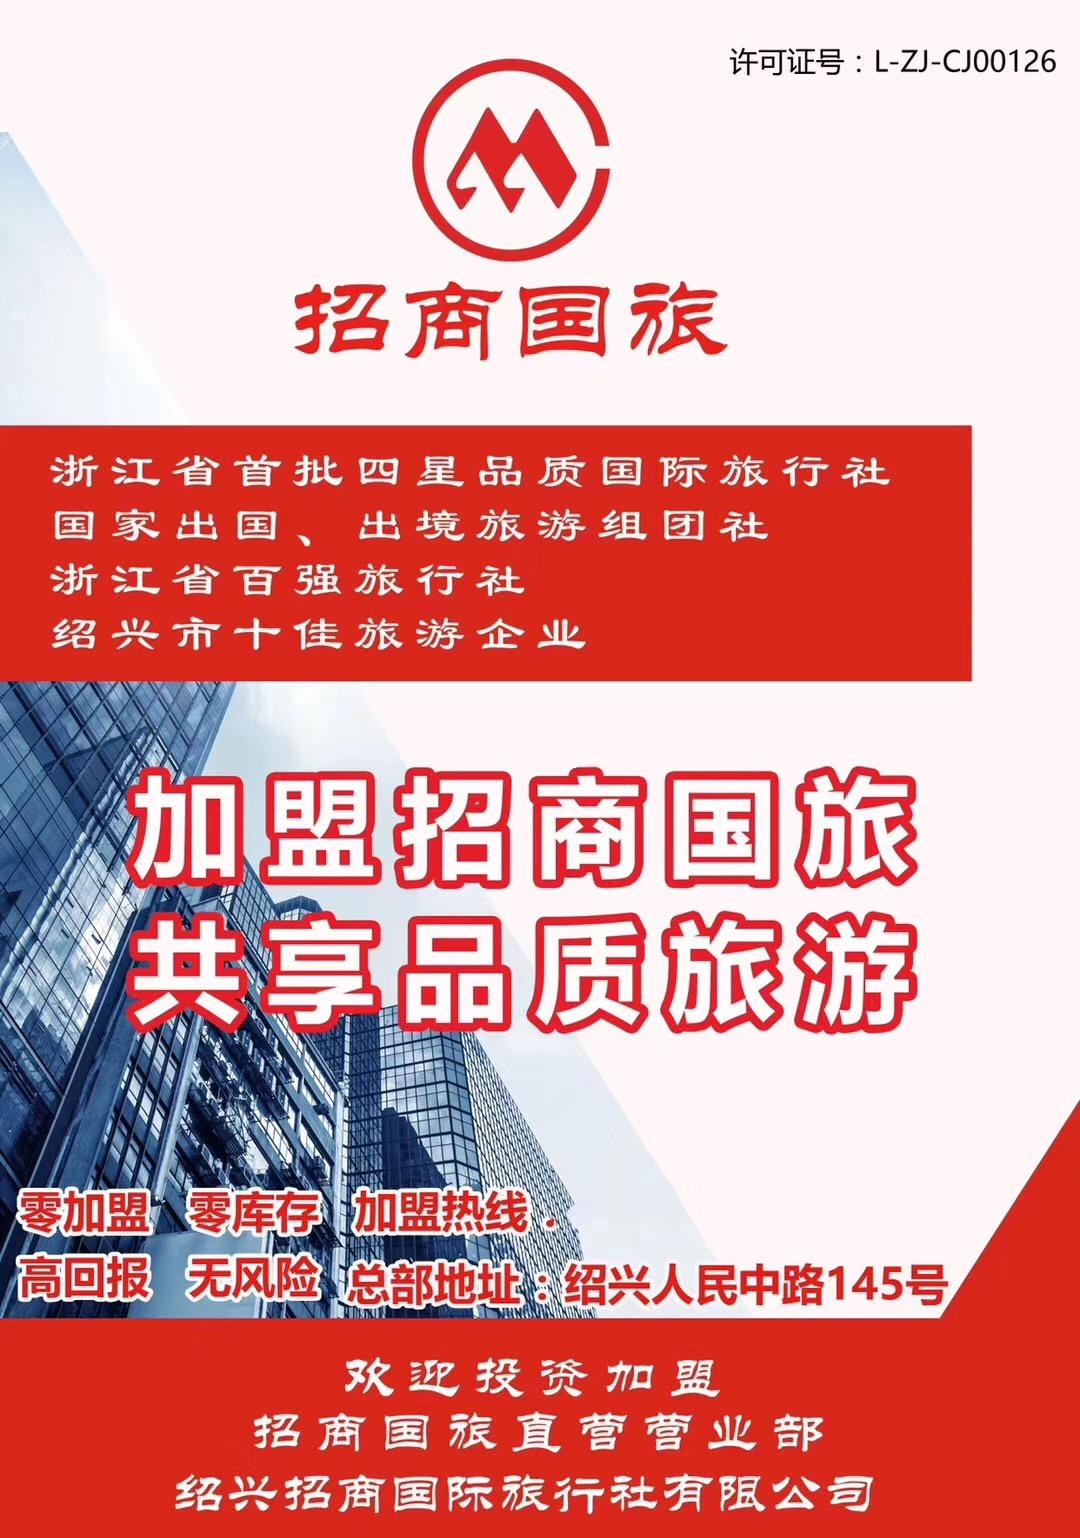 海口●【畅享海岸】(杭州飞海口■一价全包■2晚海口舒适酒店;